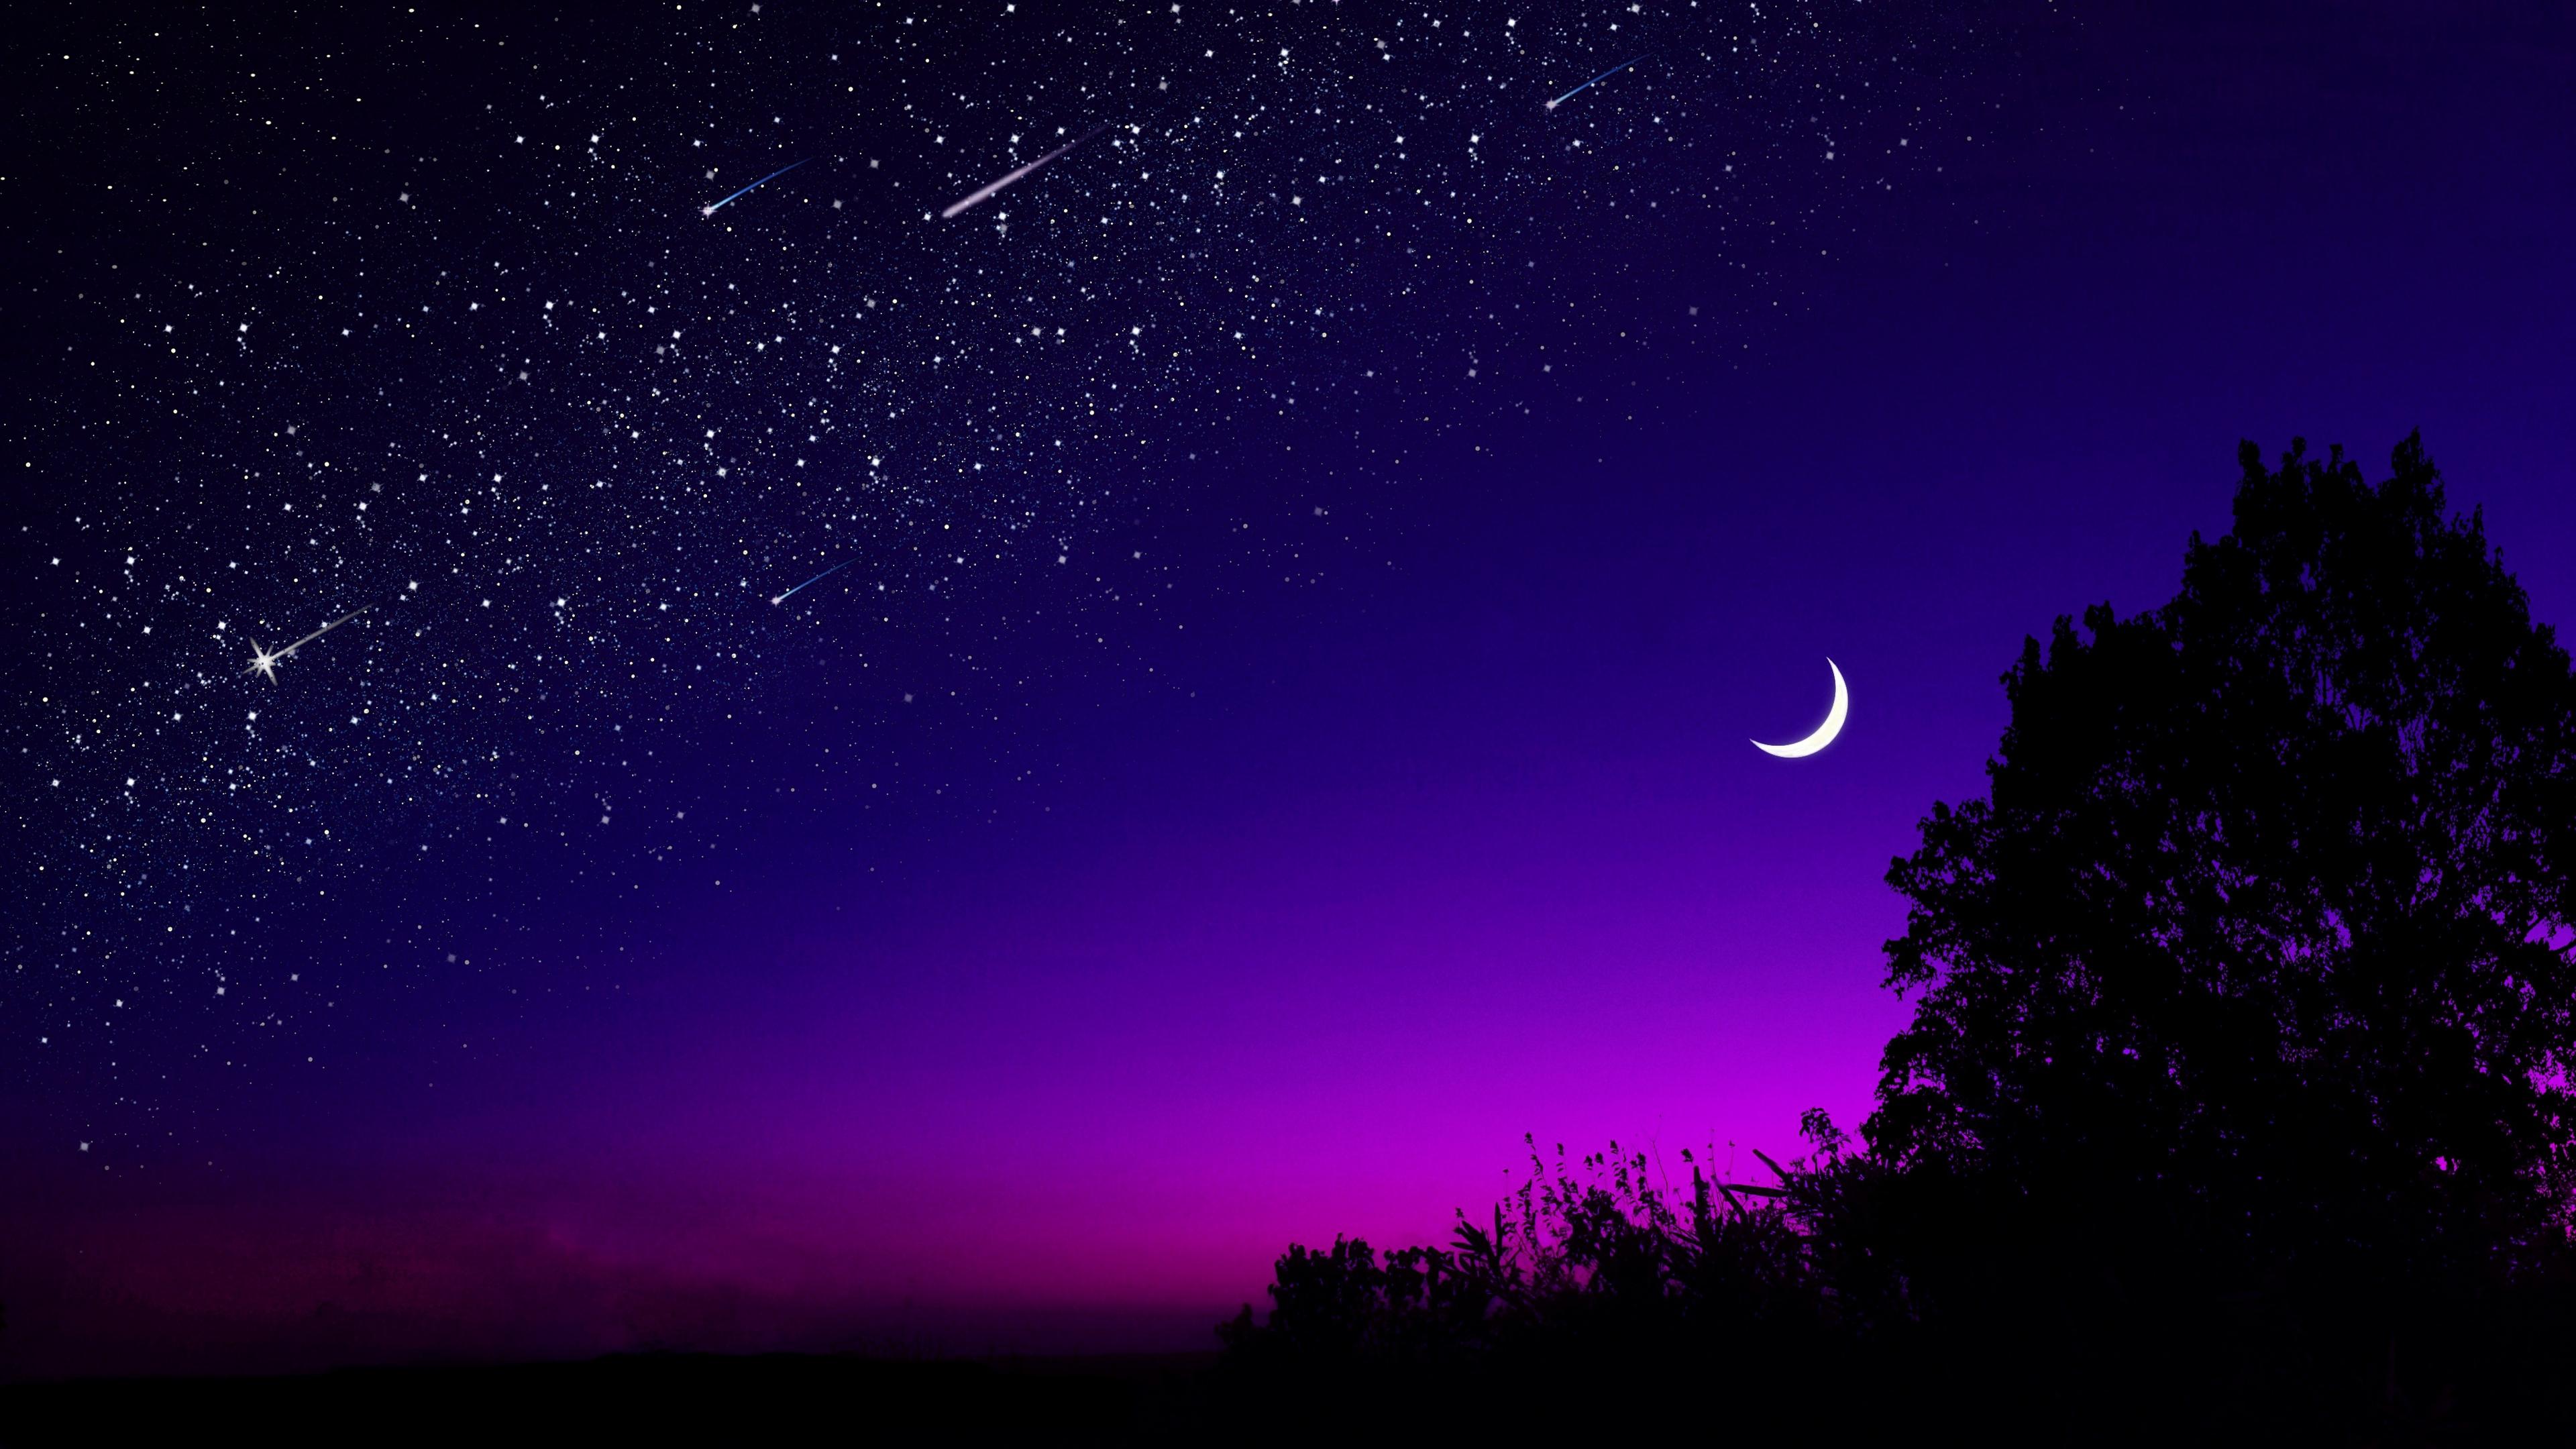 moon tree starry sky night stars dark 1579107209 - moon, tree, starry sky, night, stars, dark - tree, starry sky 4k wallpaper, Moon